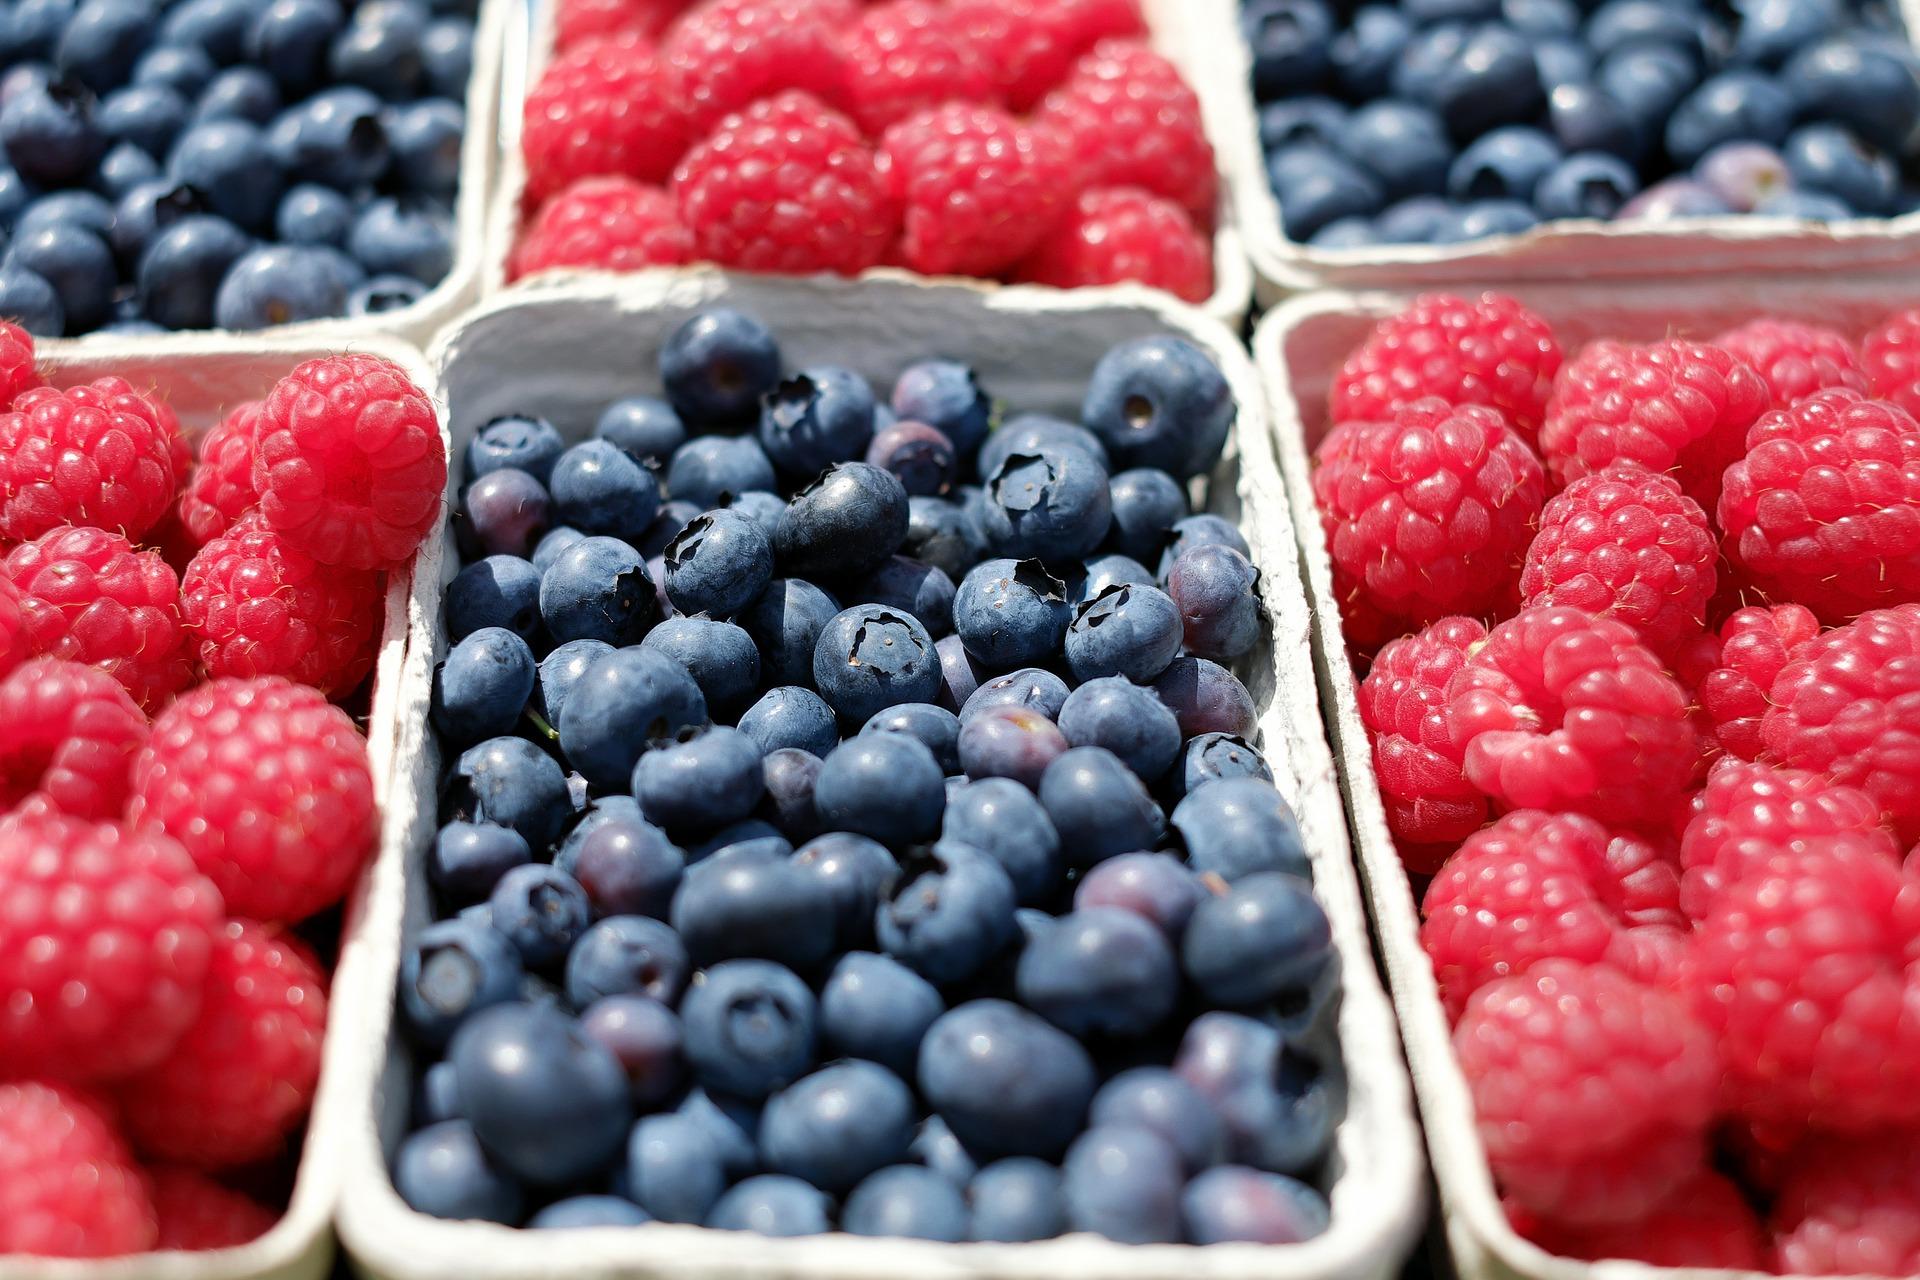 Hallon och blåbär fördelade i olika tråg uppställda i ett rutigt mönster